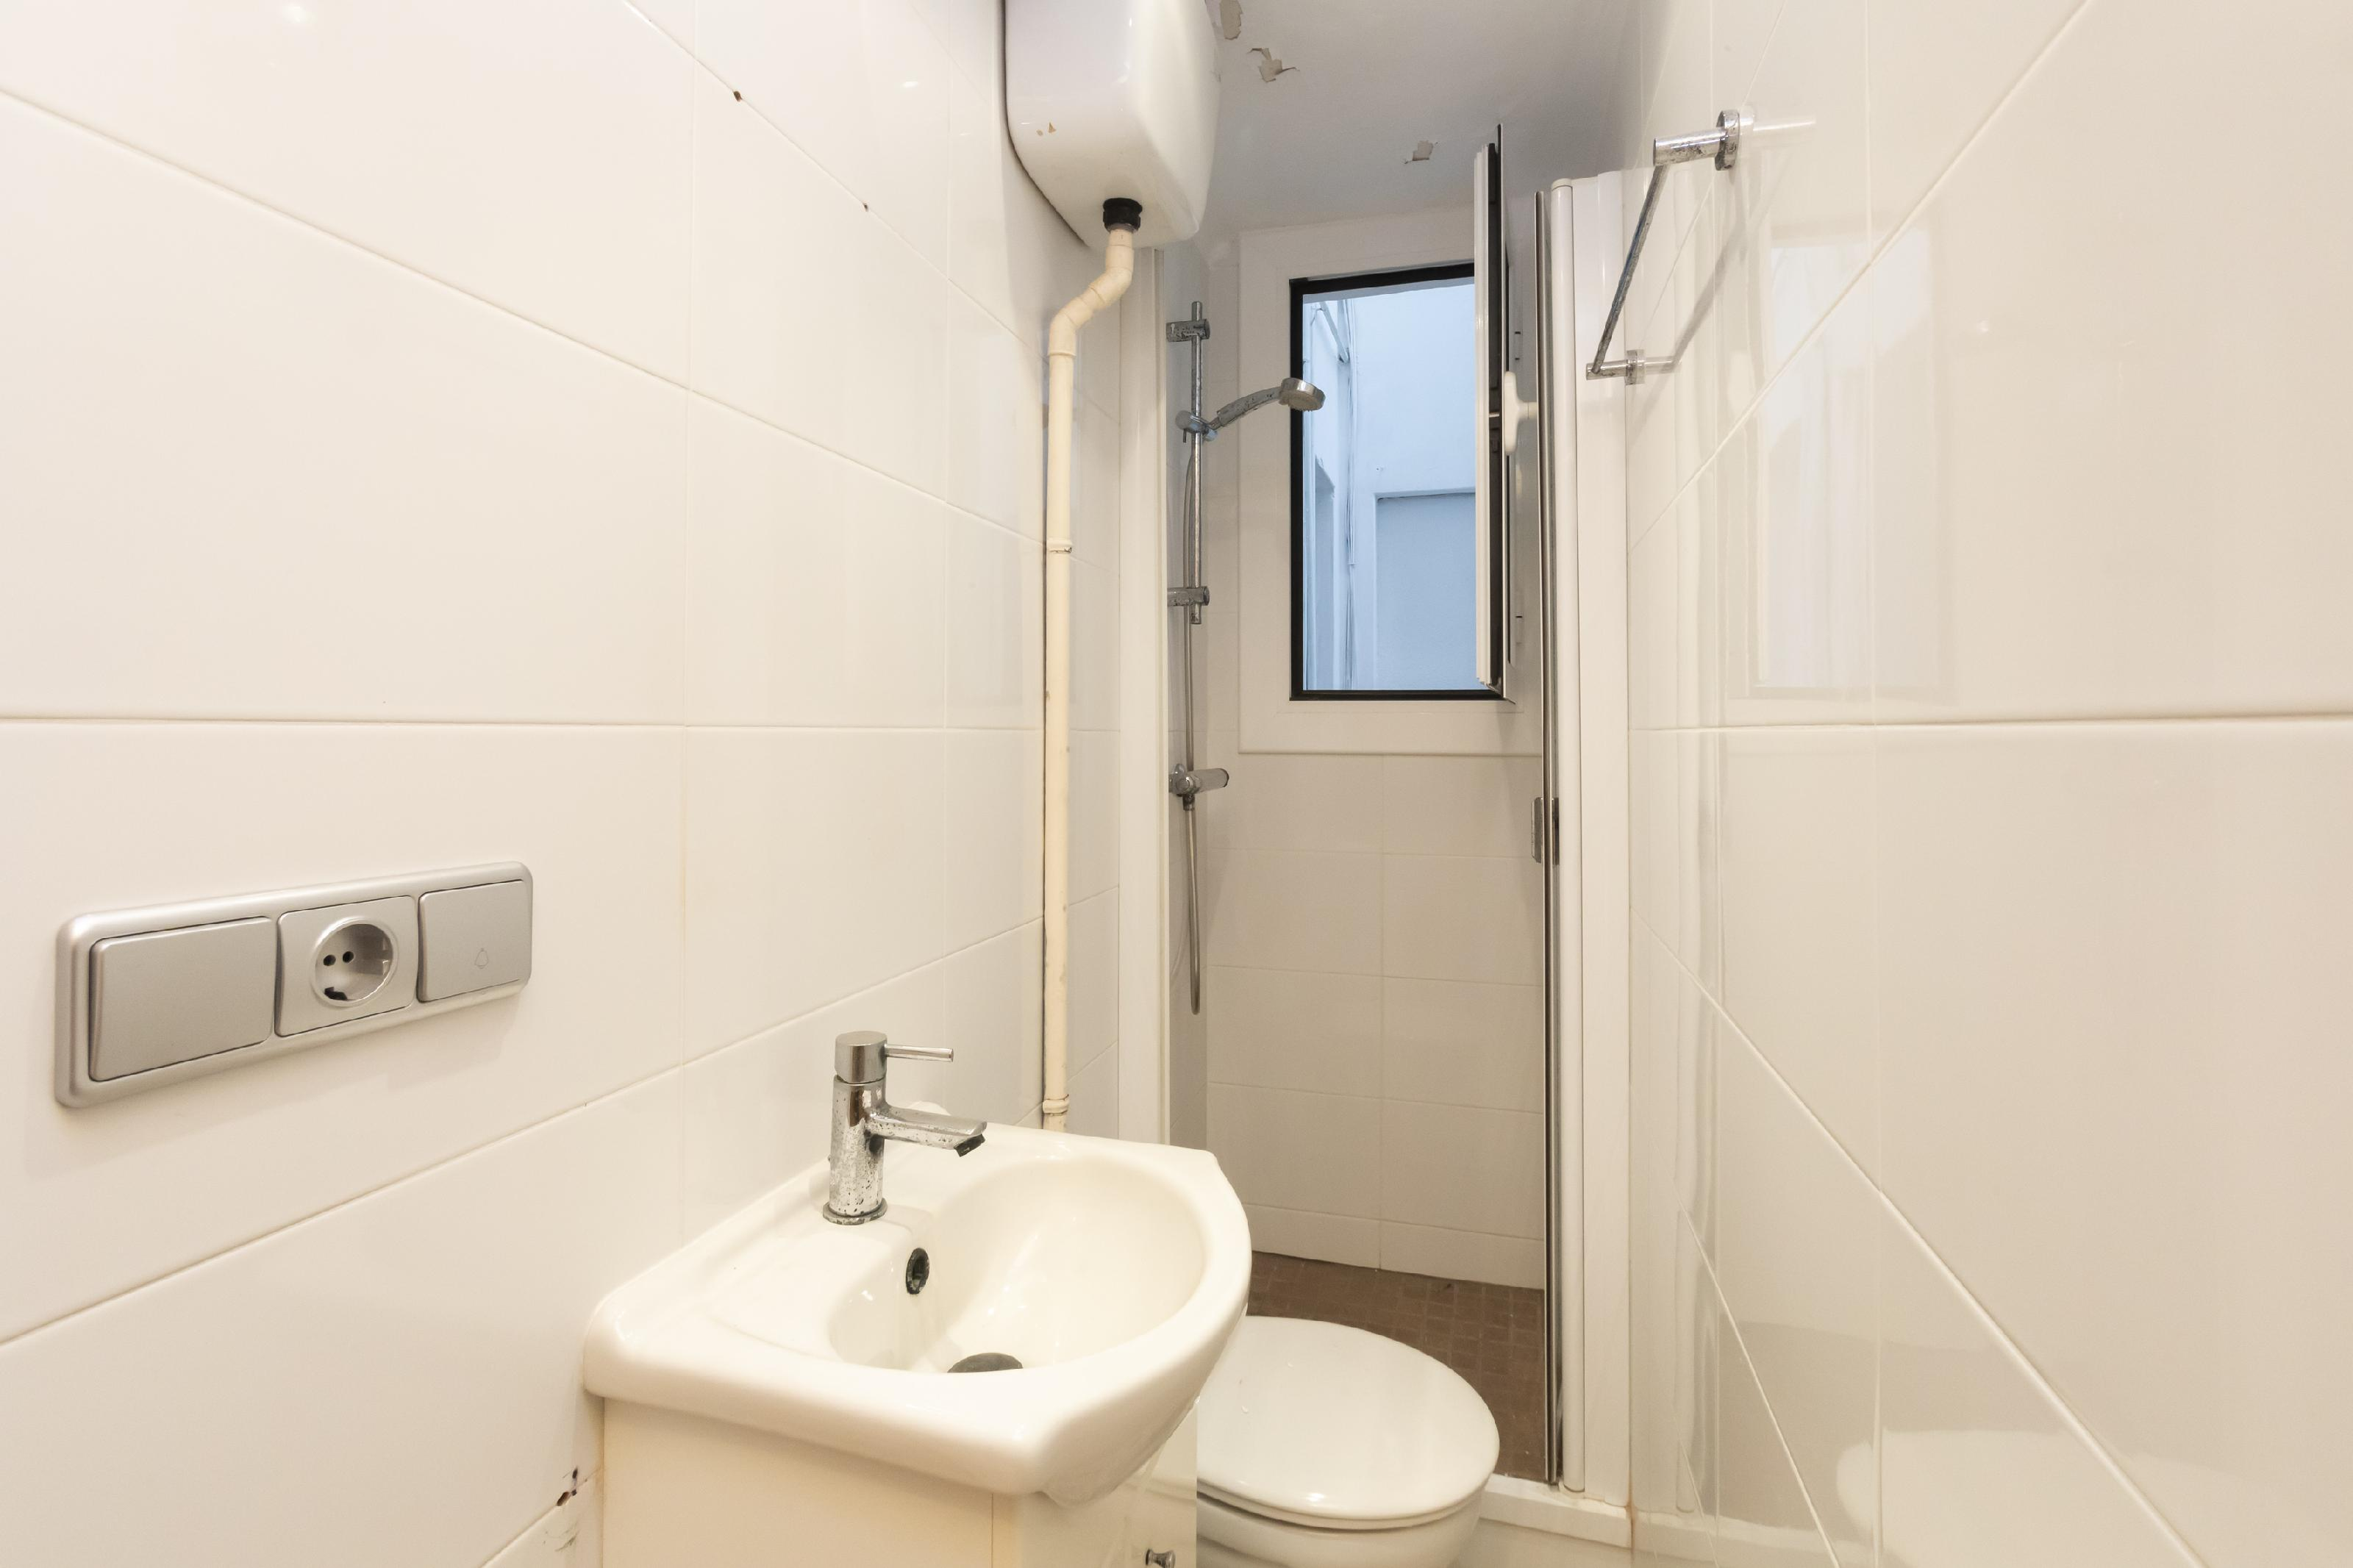 249361 Flat for sale in Eixample, Antiga Esquerre Eixample 23